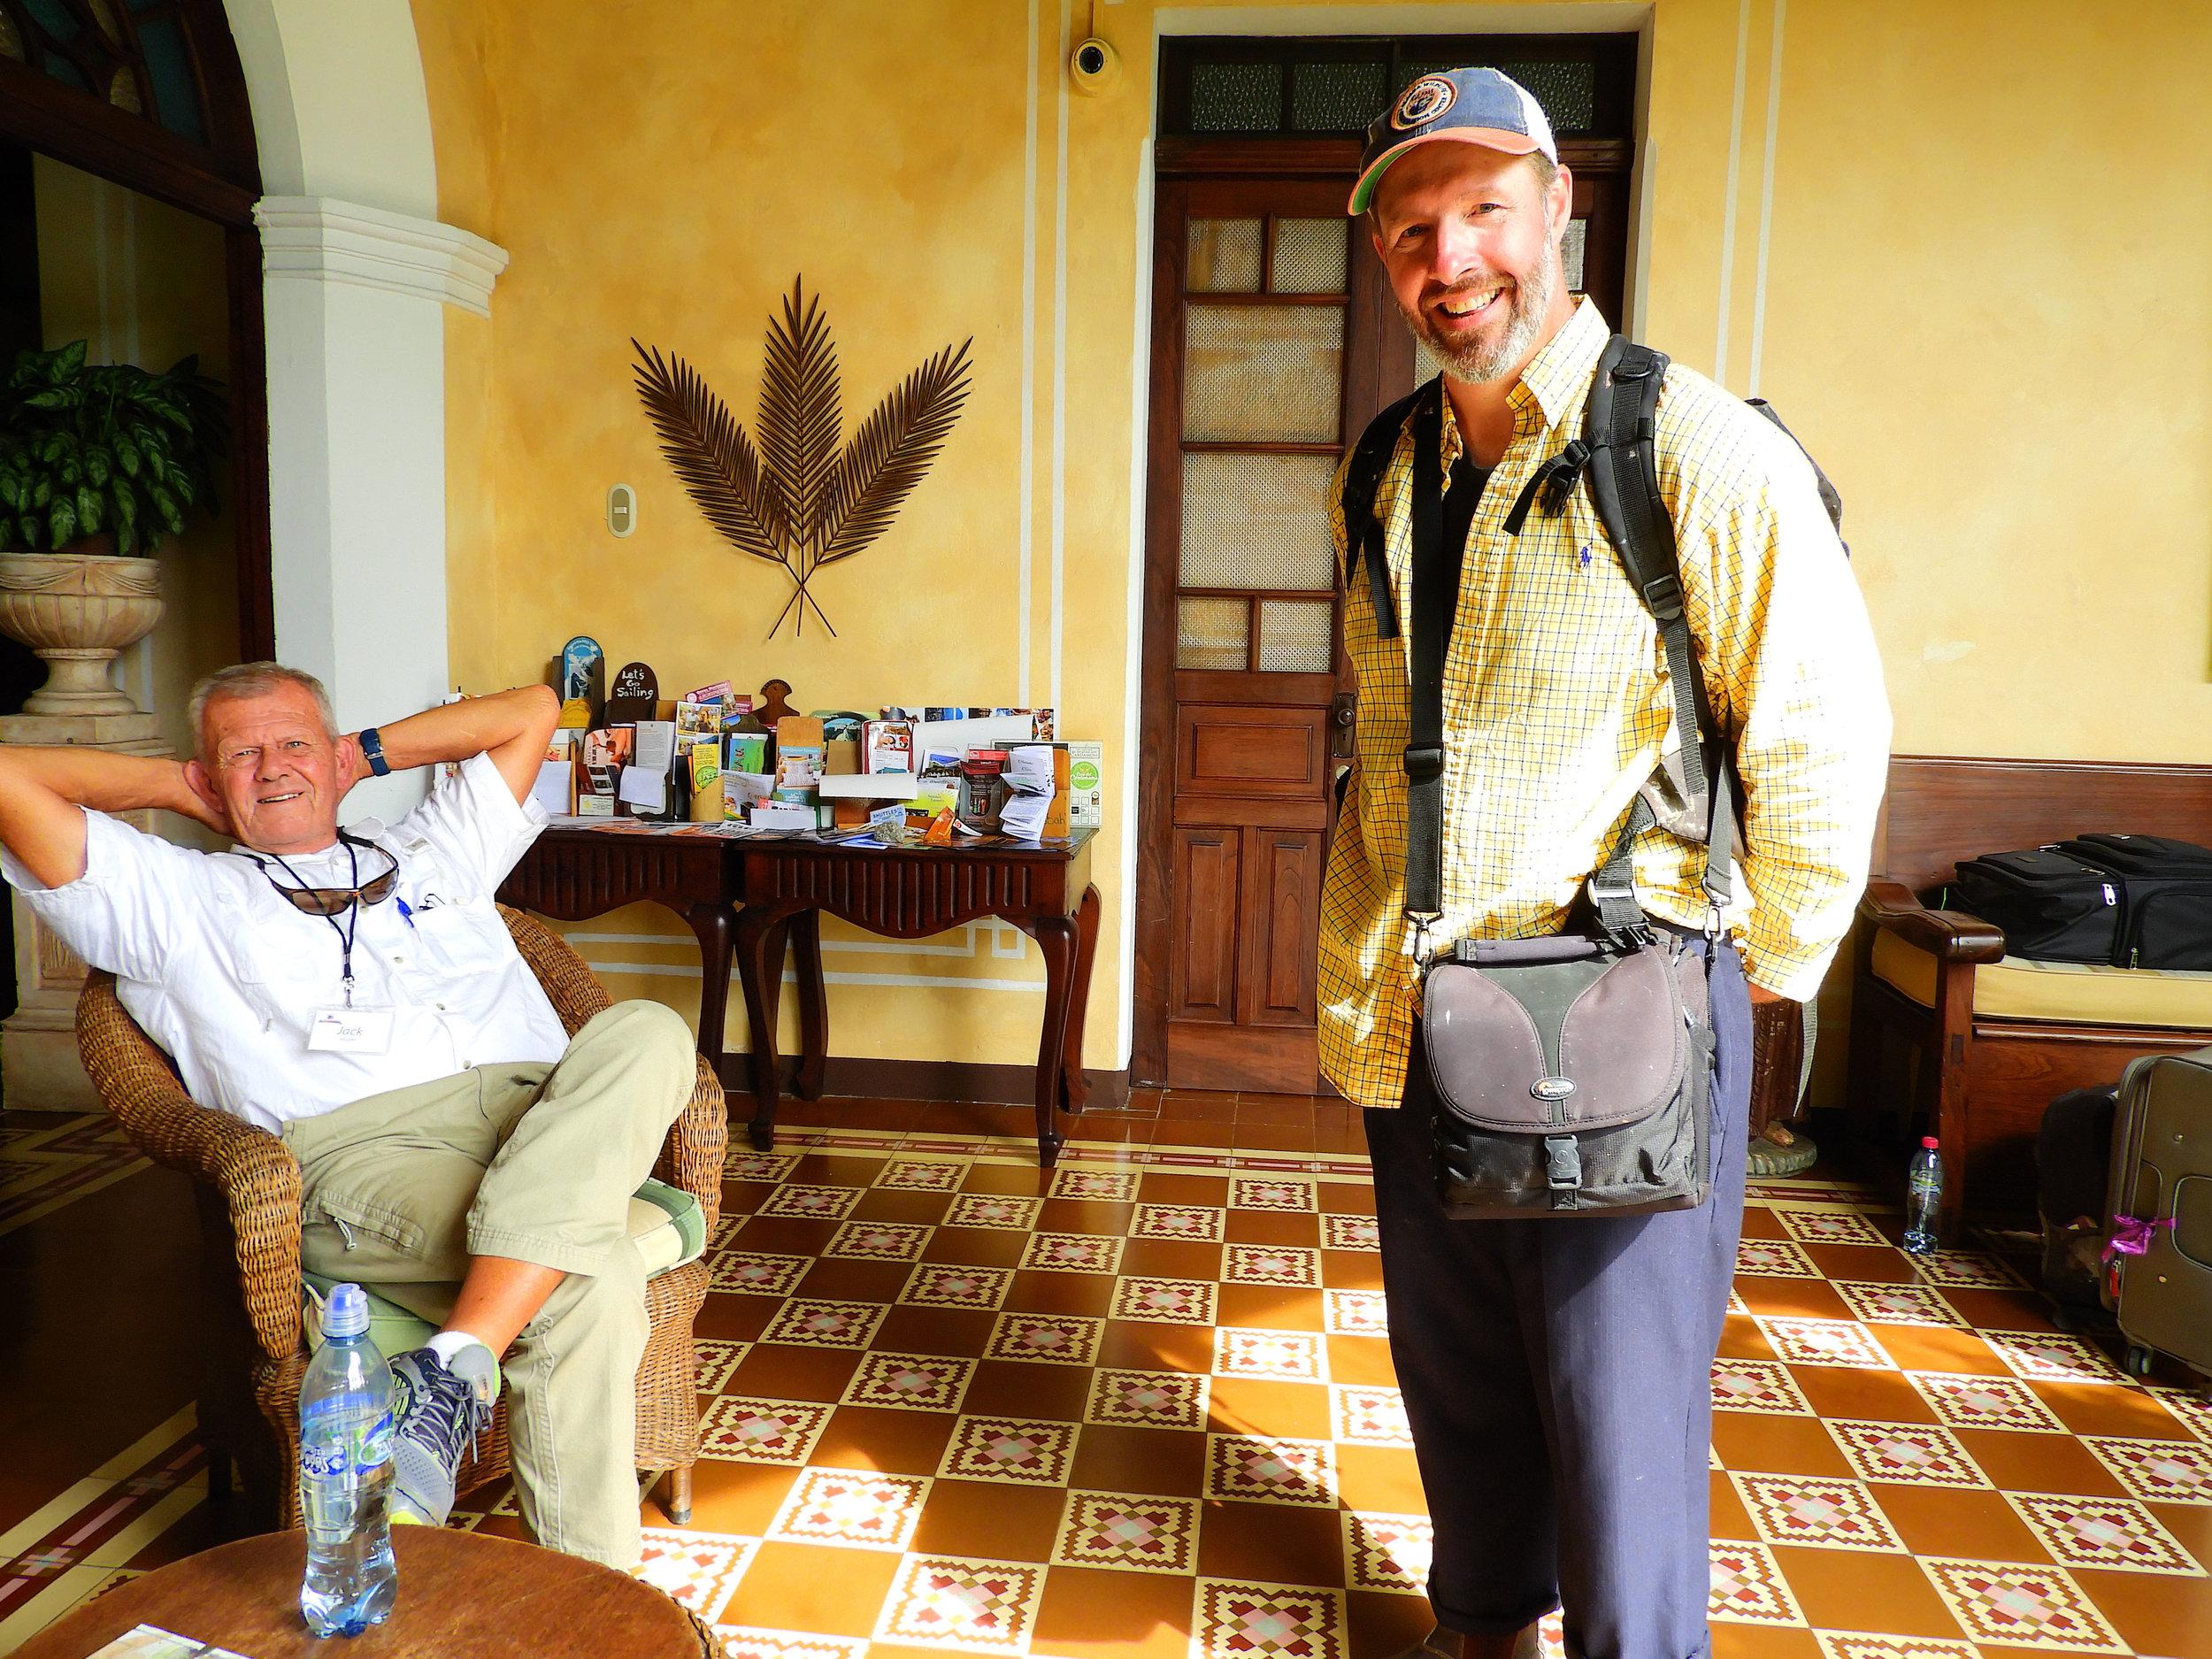 Helen_JackandMichael_Antigua.JPG